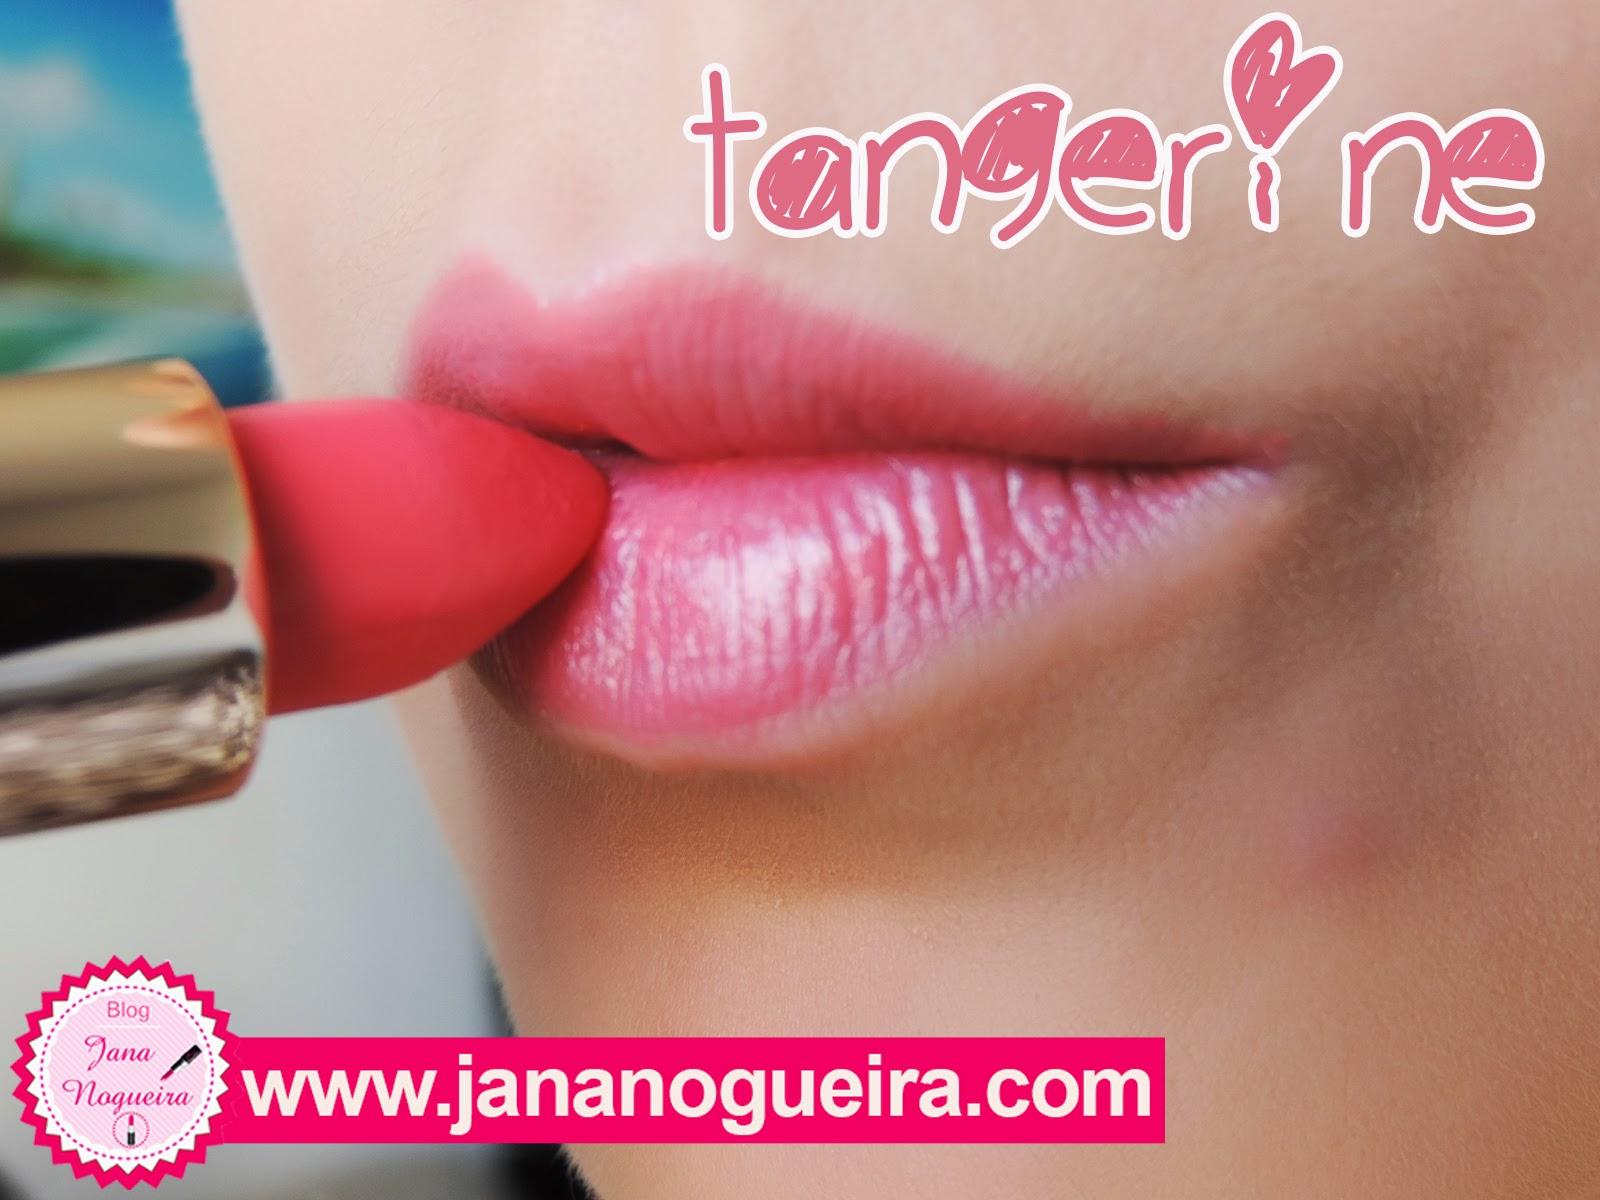 Batom Tangerine Payot